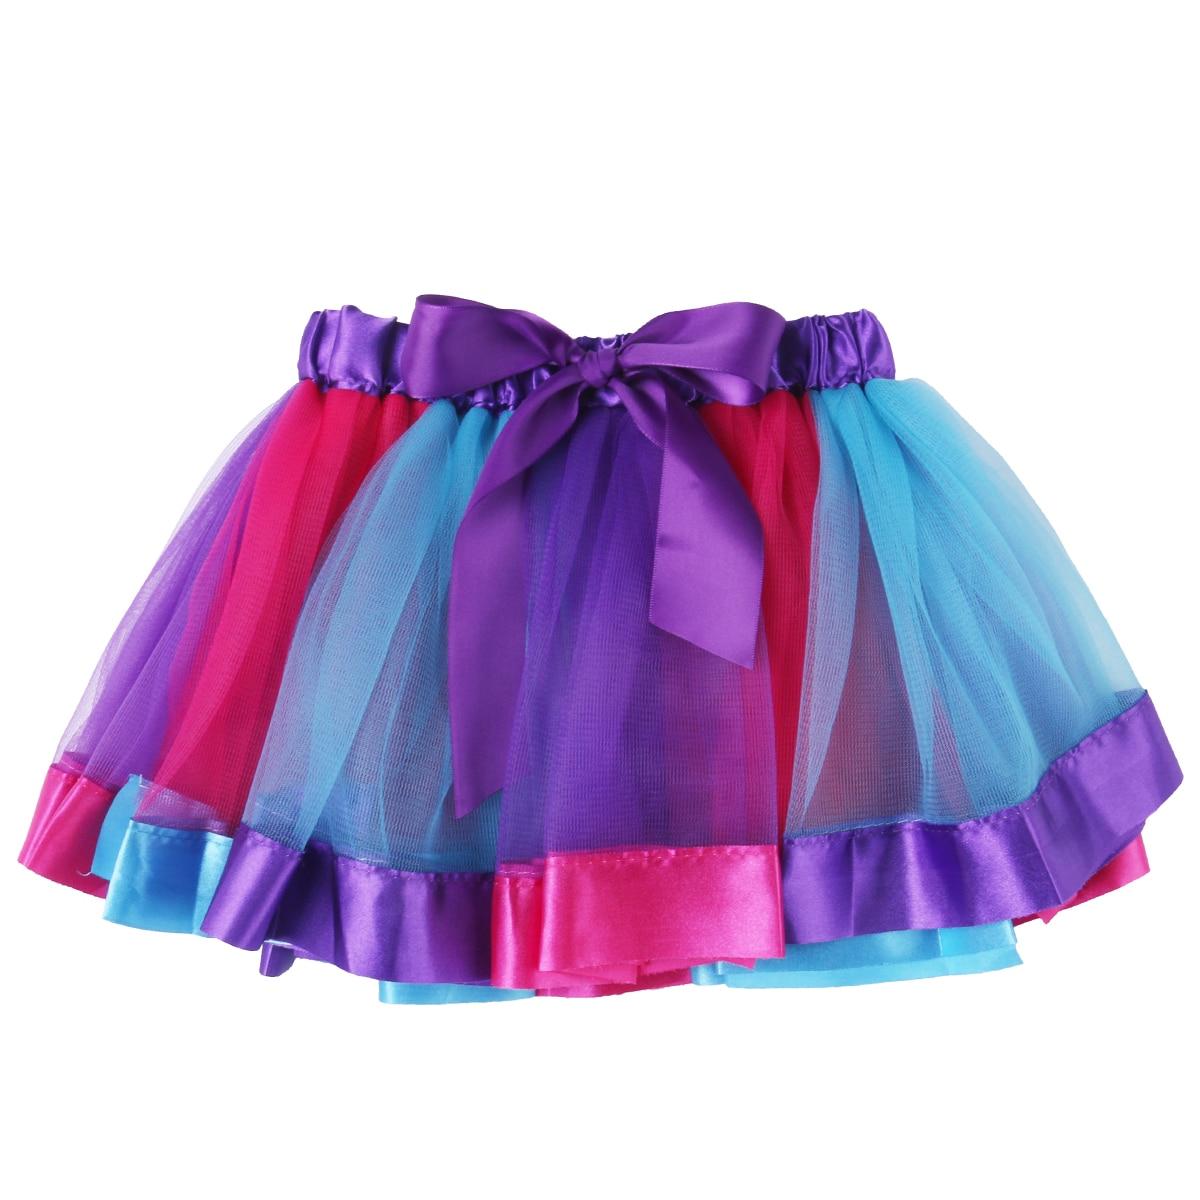 RüCksichtsvoll Uk Schöne Kinder Kleinkind Baby Mädchen Rock Regenbogen Tüll Mädchen Tutu Rock Party Ballett Dance Ballkleid